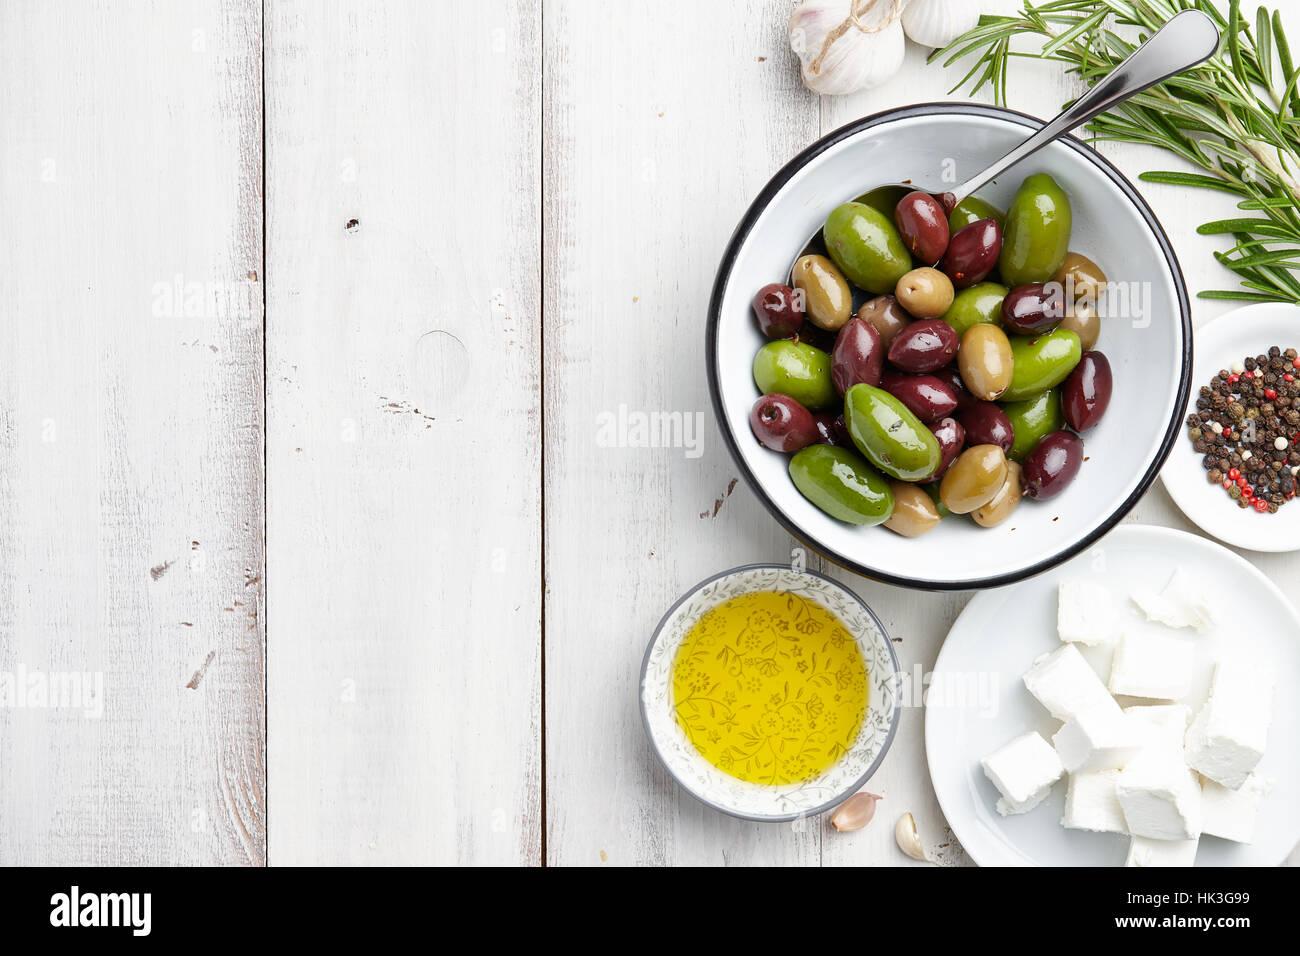 Ingrédients cuisine grecque Photo Stock